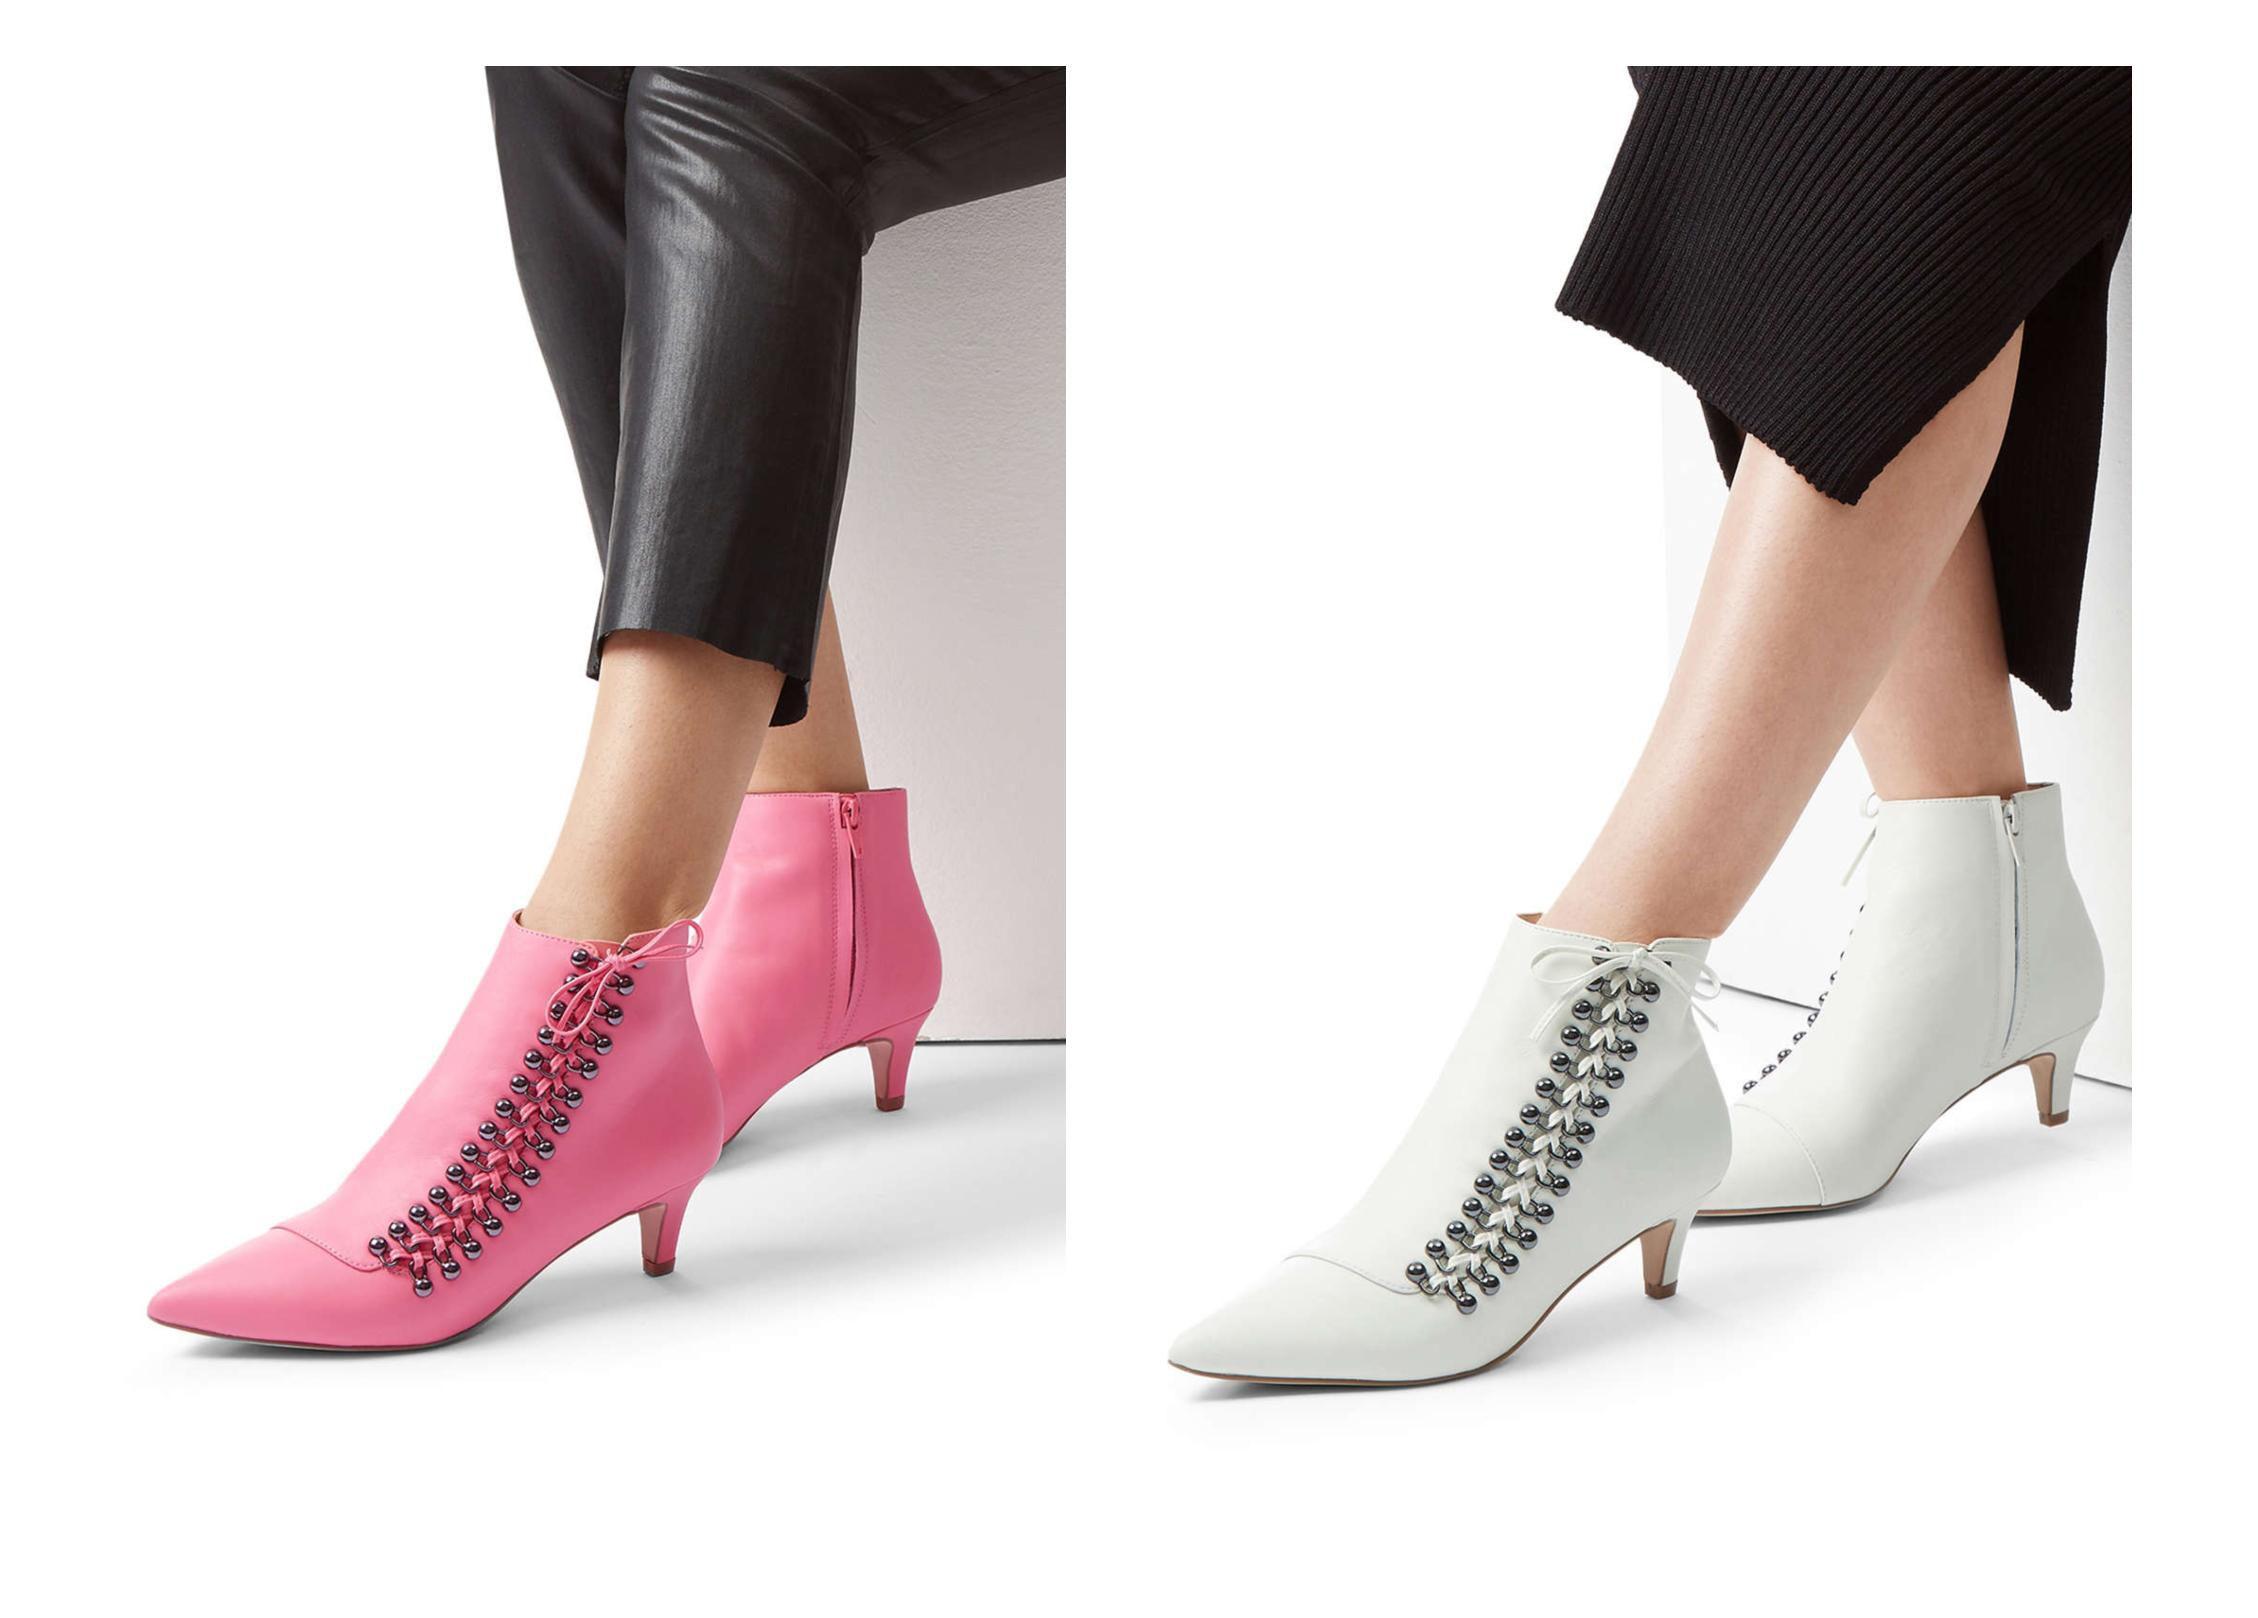 Ovo su čizme za kojima su trendseterice poludjele, prodaja je porasla za 700% u prošlom tjednu!